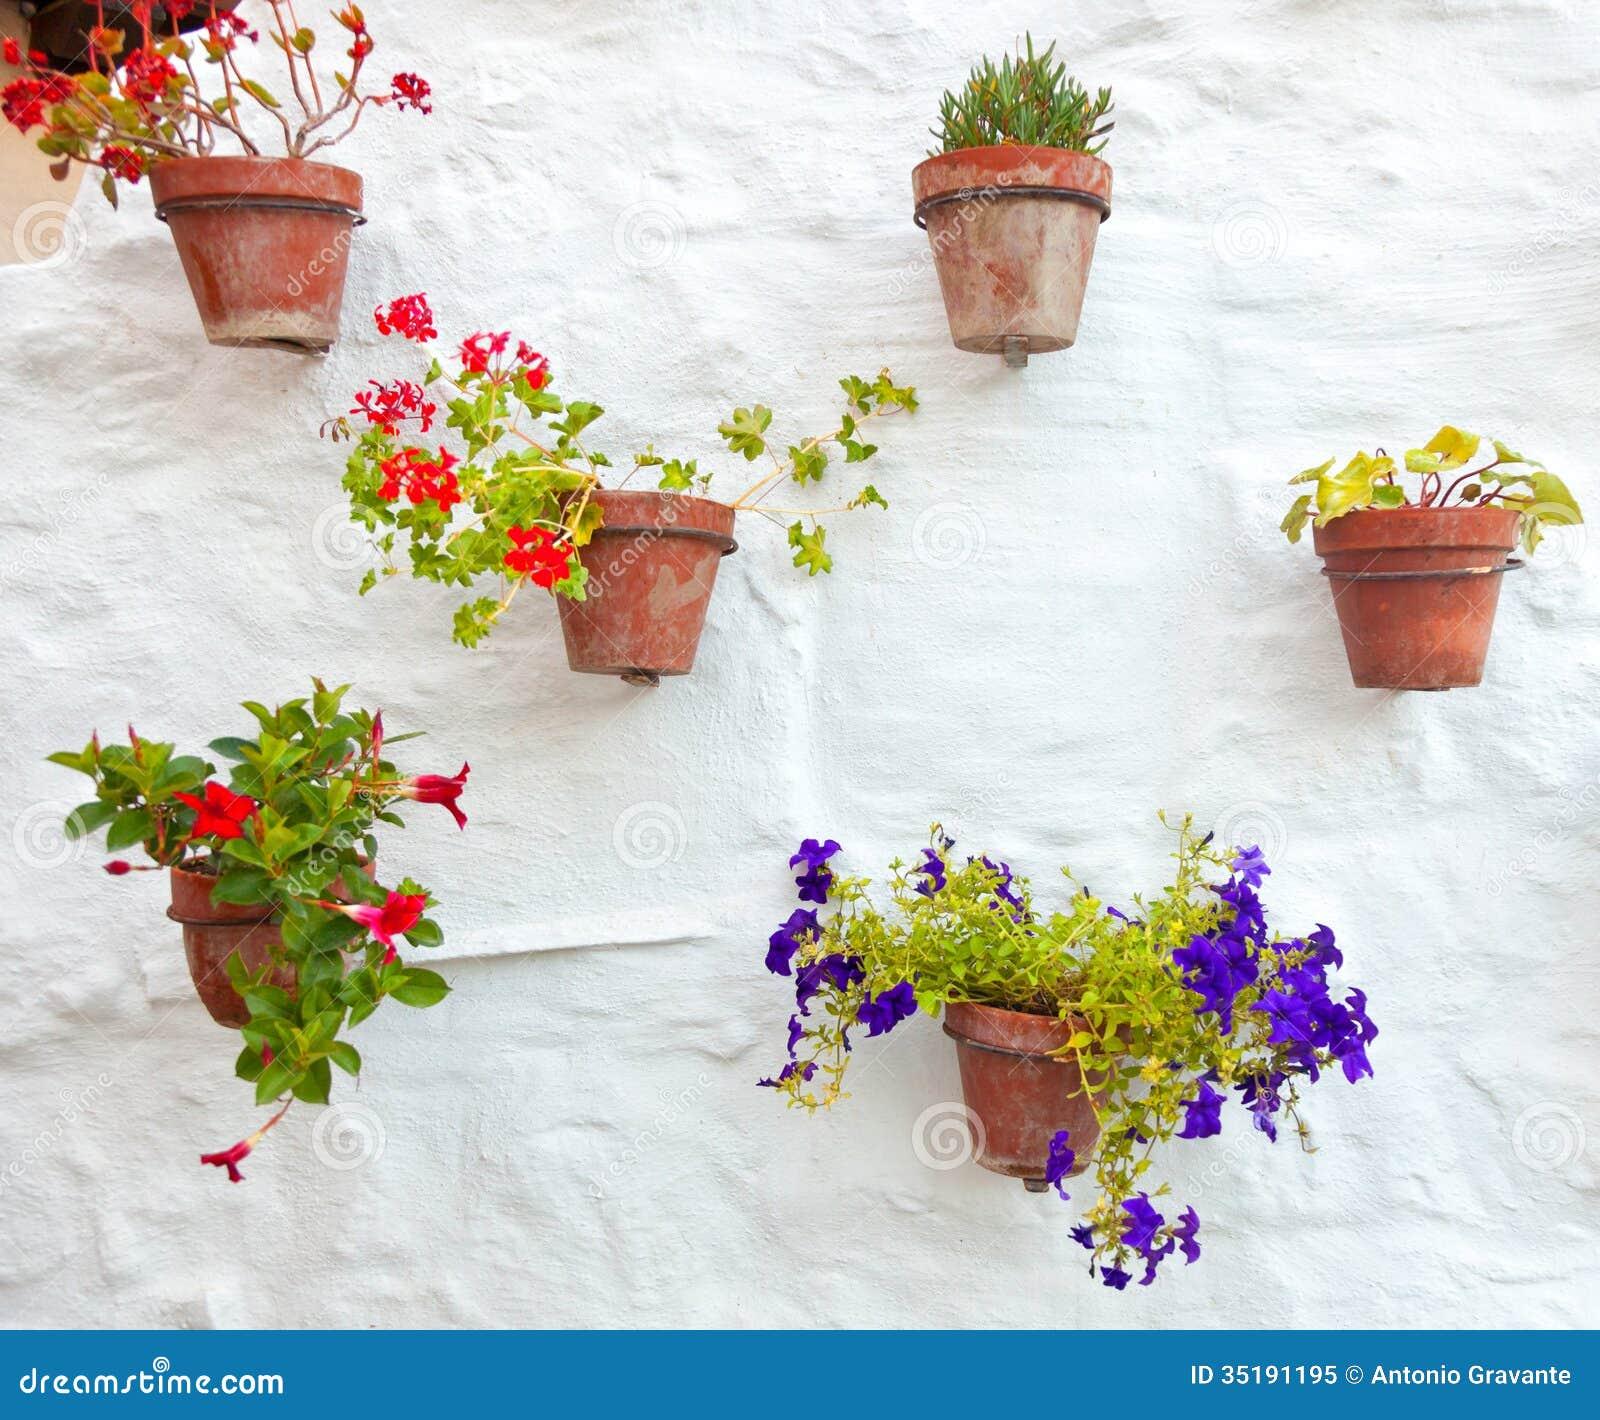 Terrakottavasen Mit Den Bunten Blumen Die An Der Weißen